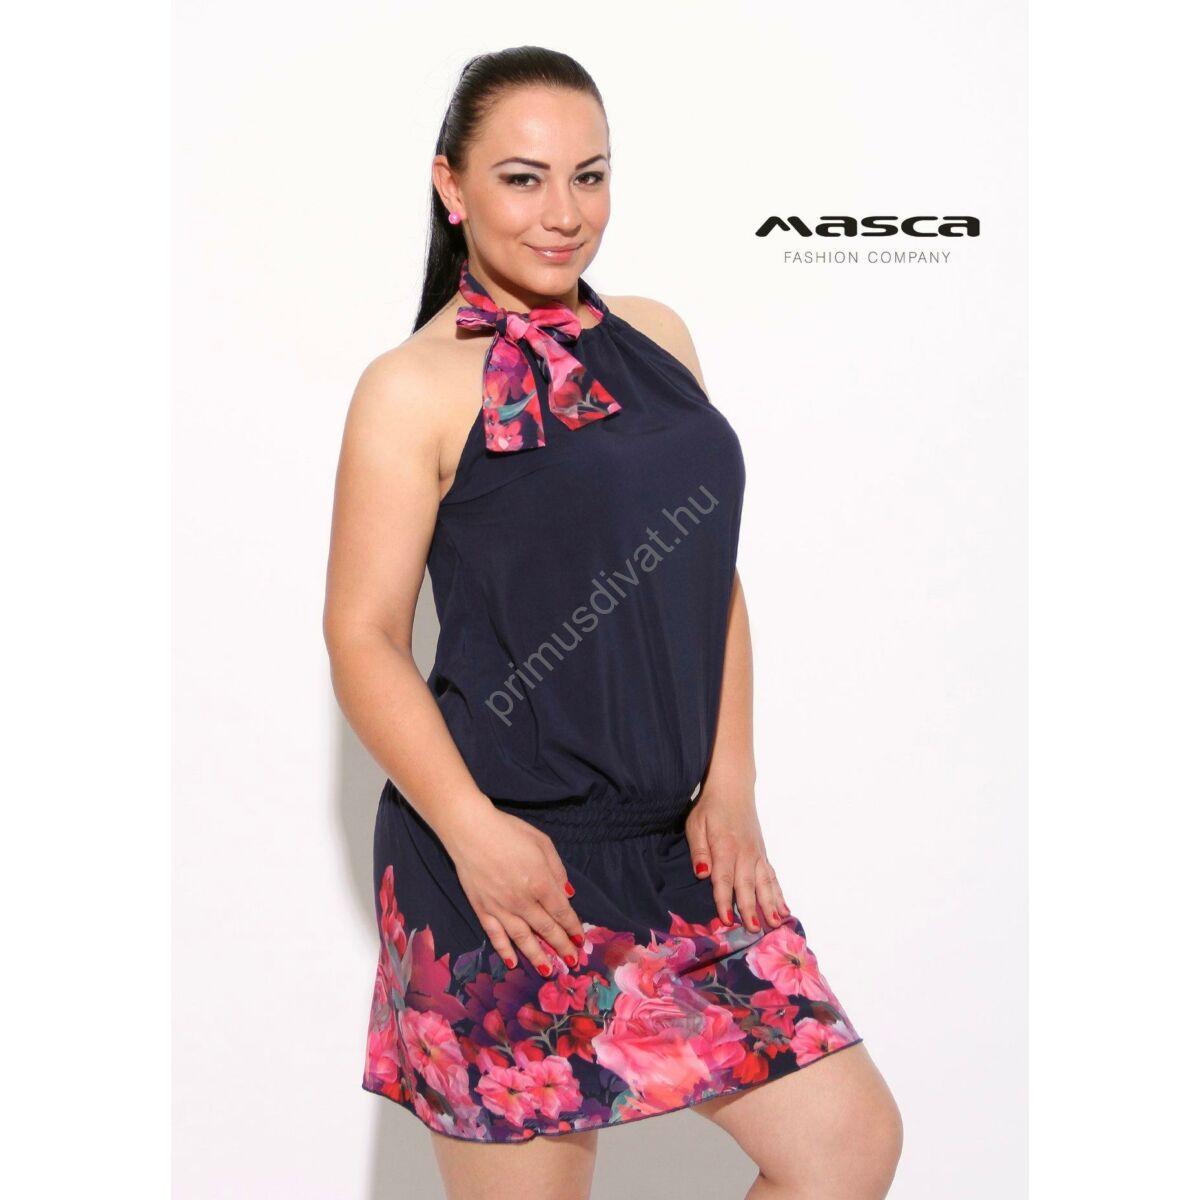 7ca512ffb2 Kép 1/1 - Masca Fashion megkötős nyakú, gumírozott derekú laza ujjatlan  szövött anyagú sötétkék tunika, miniruha, alján színes virágmintával